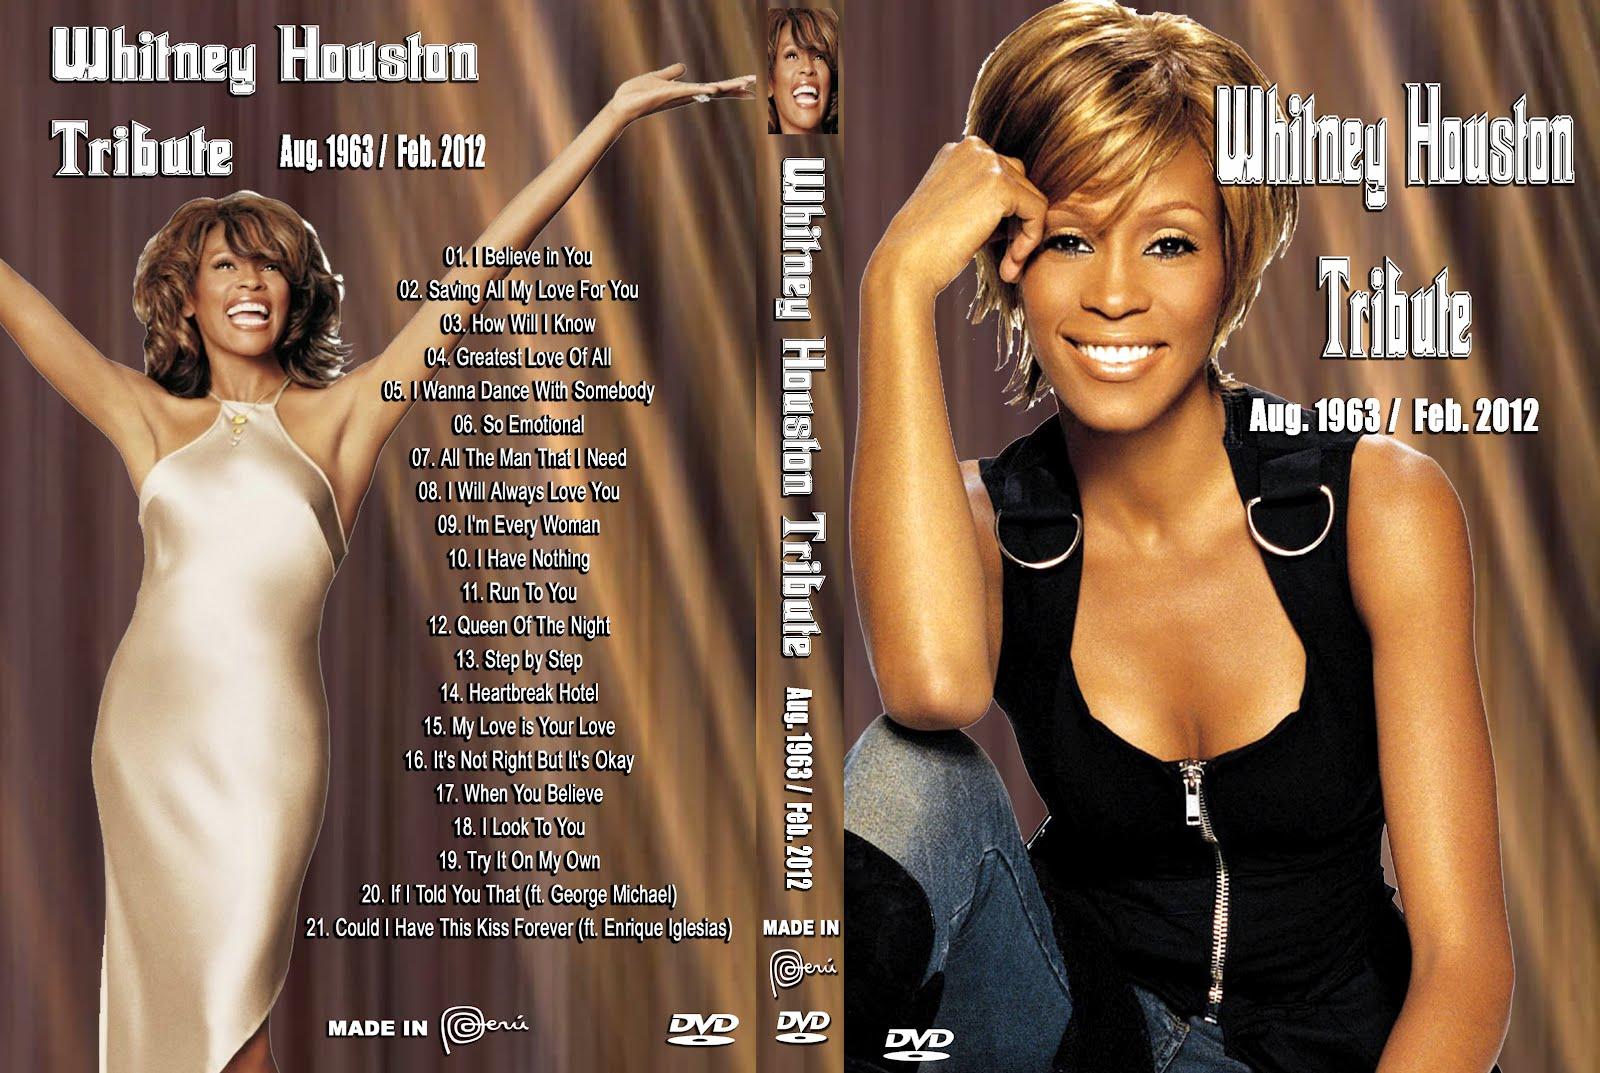 http://1.bp.blogspot.com/-KWzs34NL3RE/T5cwa2yyXFI/AAAAAAAABIg/D19yS6tLb_k/s1600/cover+dvd+Whitney+Houston+Tribute+by+Troy.jpg